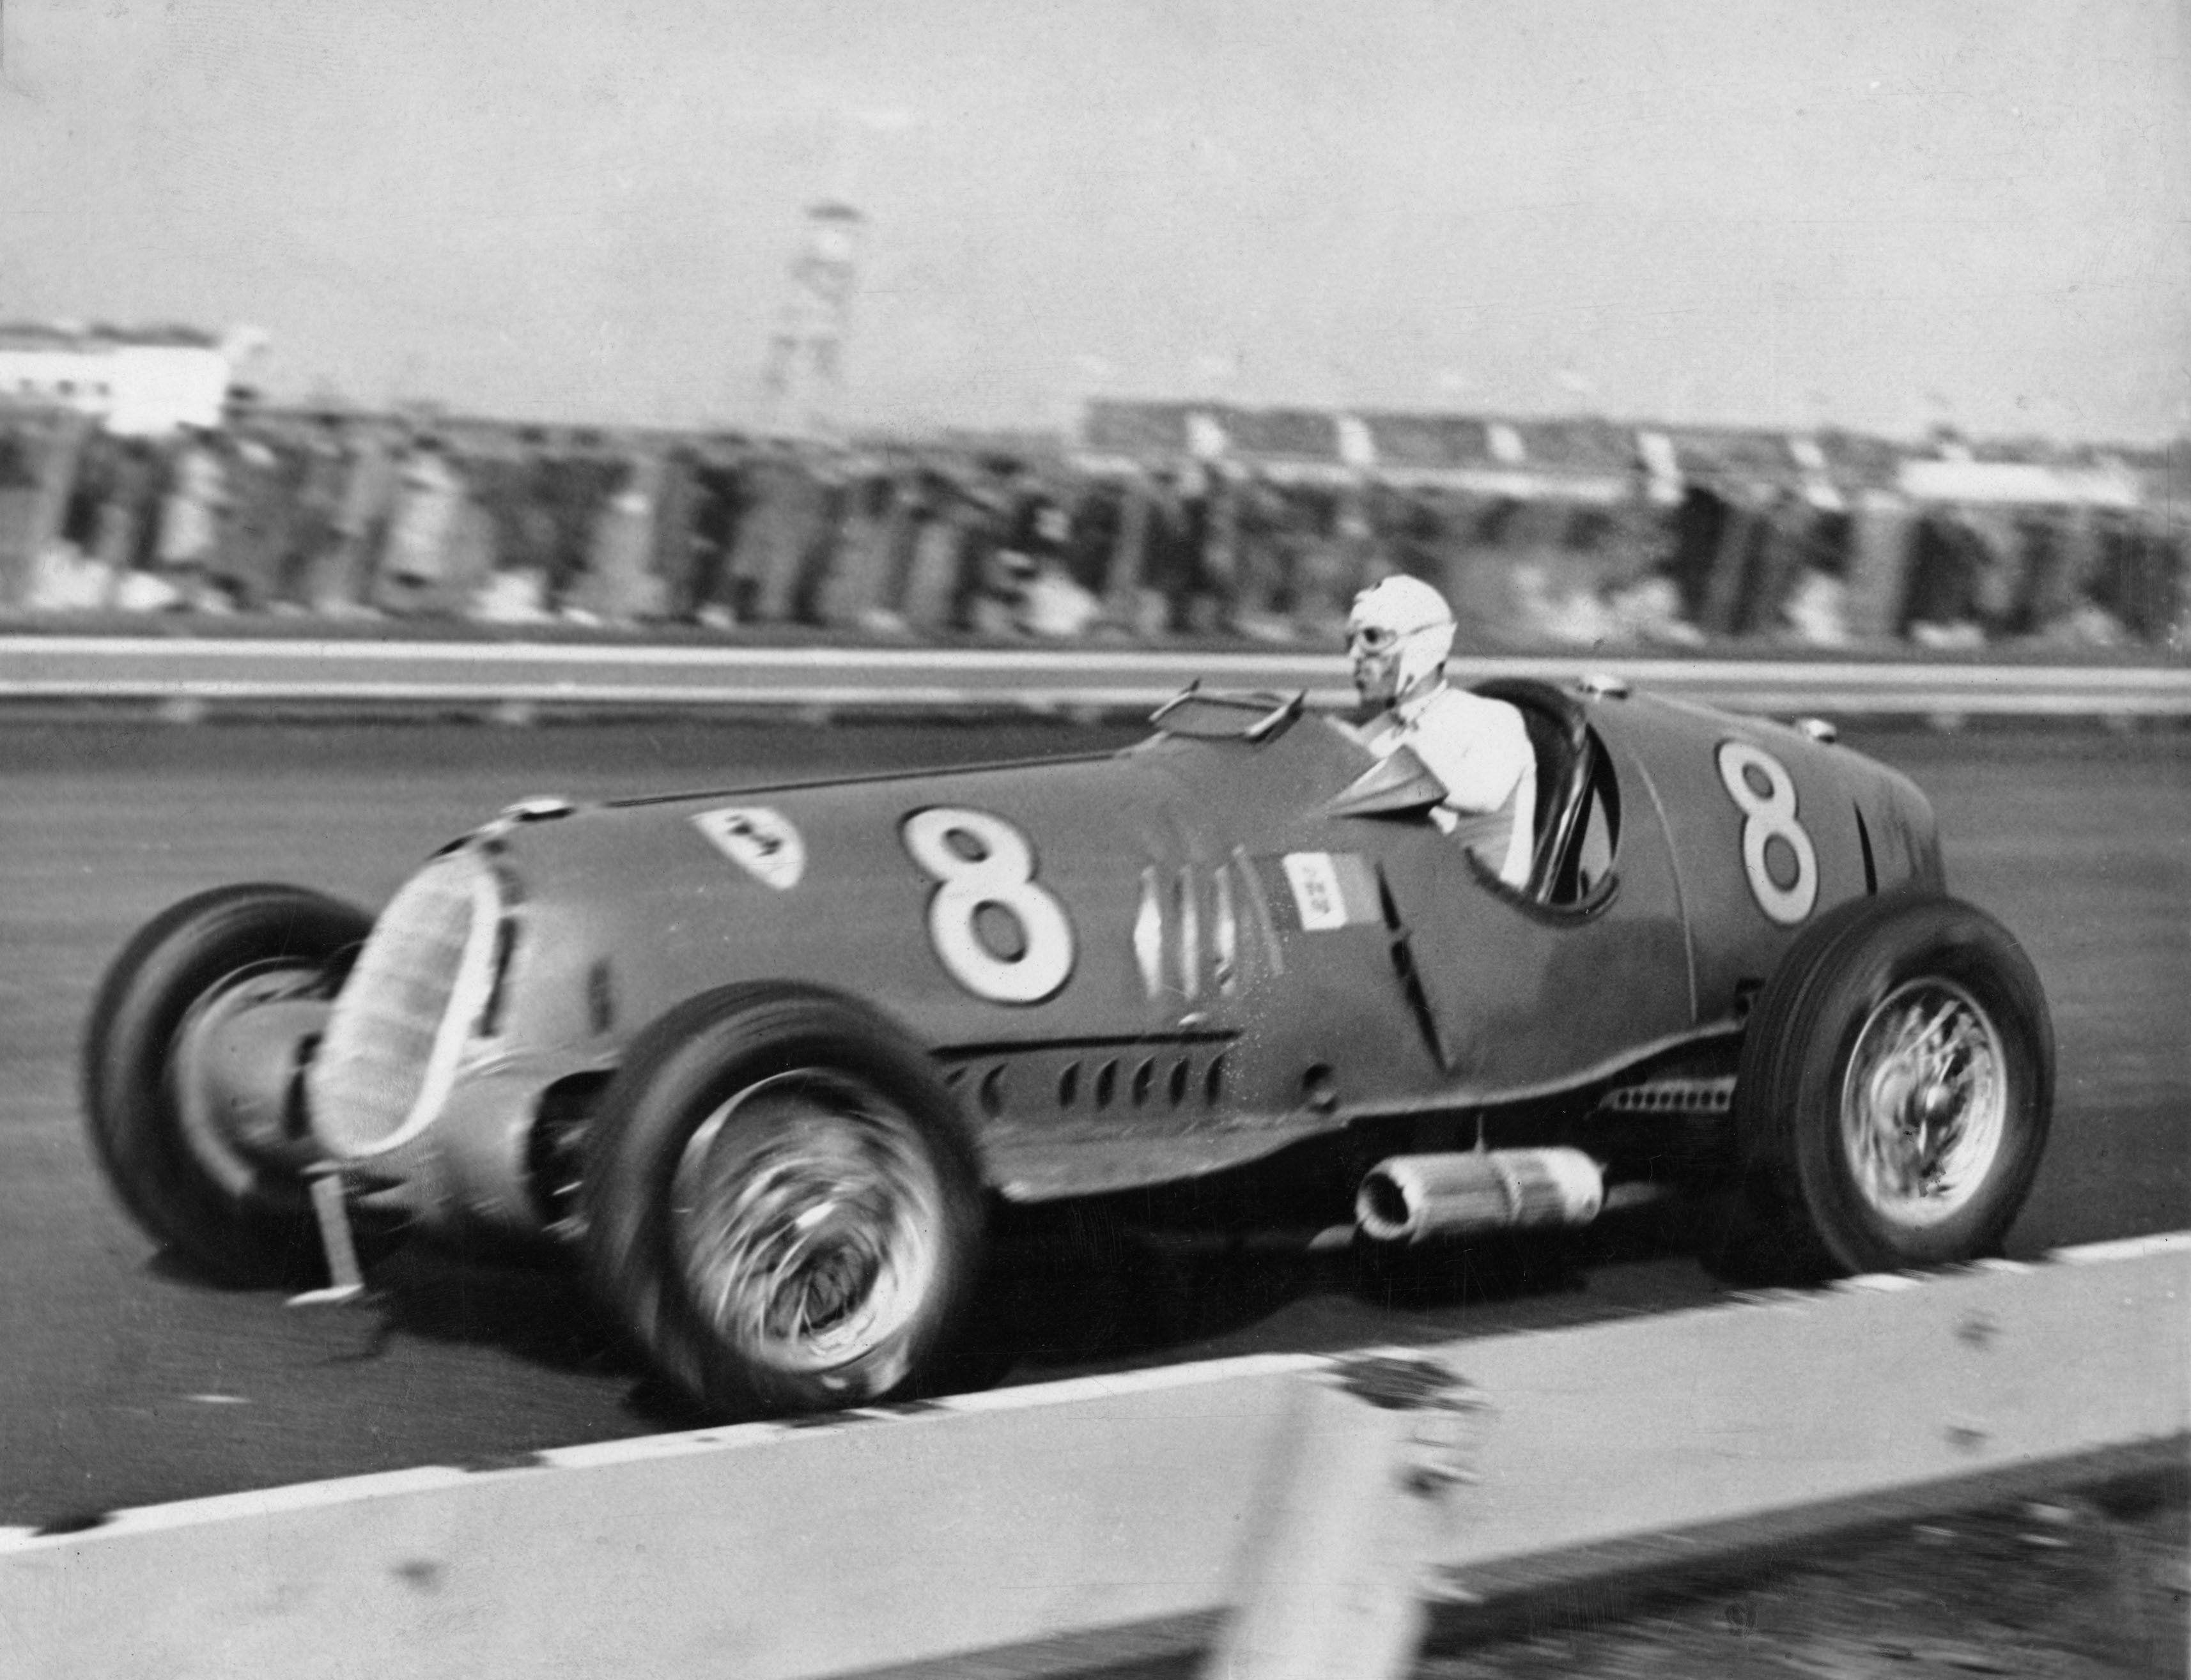 VANDERBILT CUP 1936 Alfa Romeo 12C 36 8 of Tazio Nuvolari winner